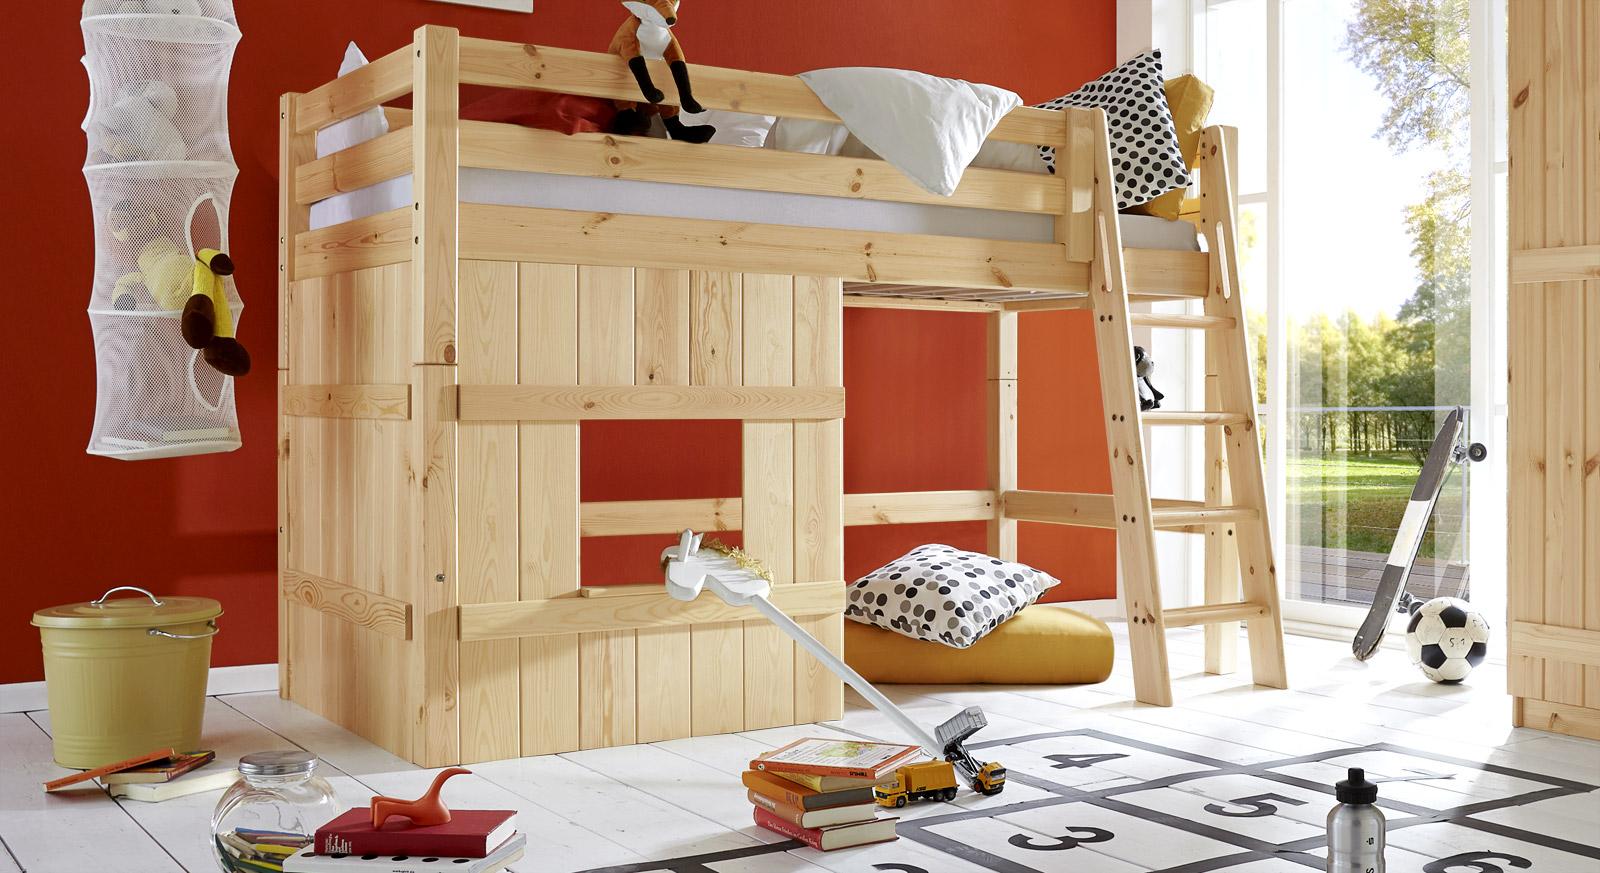 Naturfarbenes Hütten-Hochbett Kids Paradise Basic in 140cm Höhe mit schräger Leiter